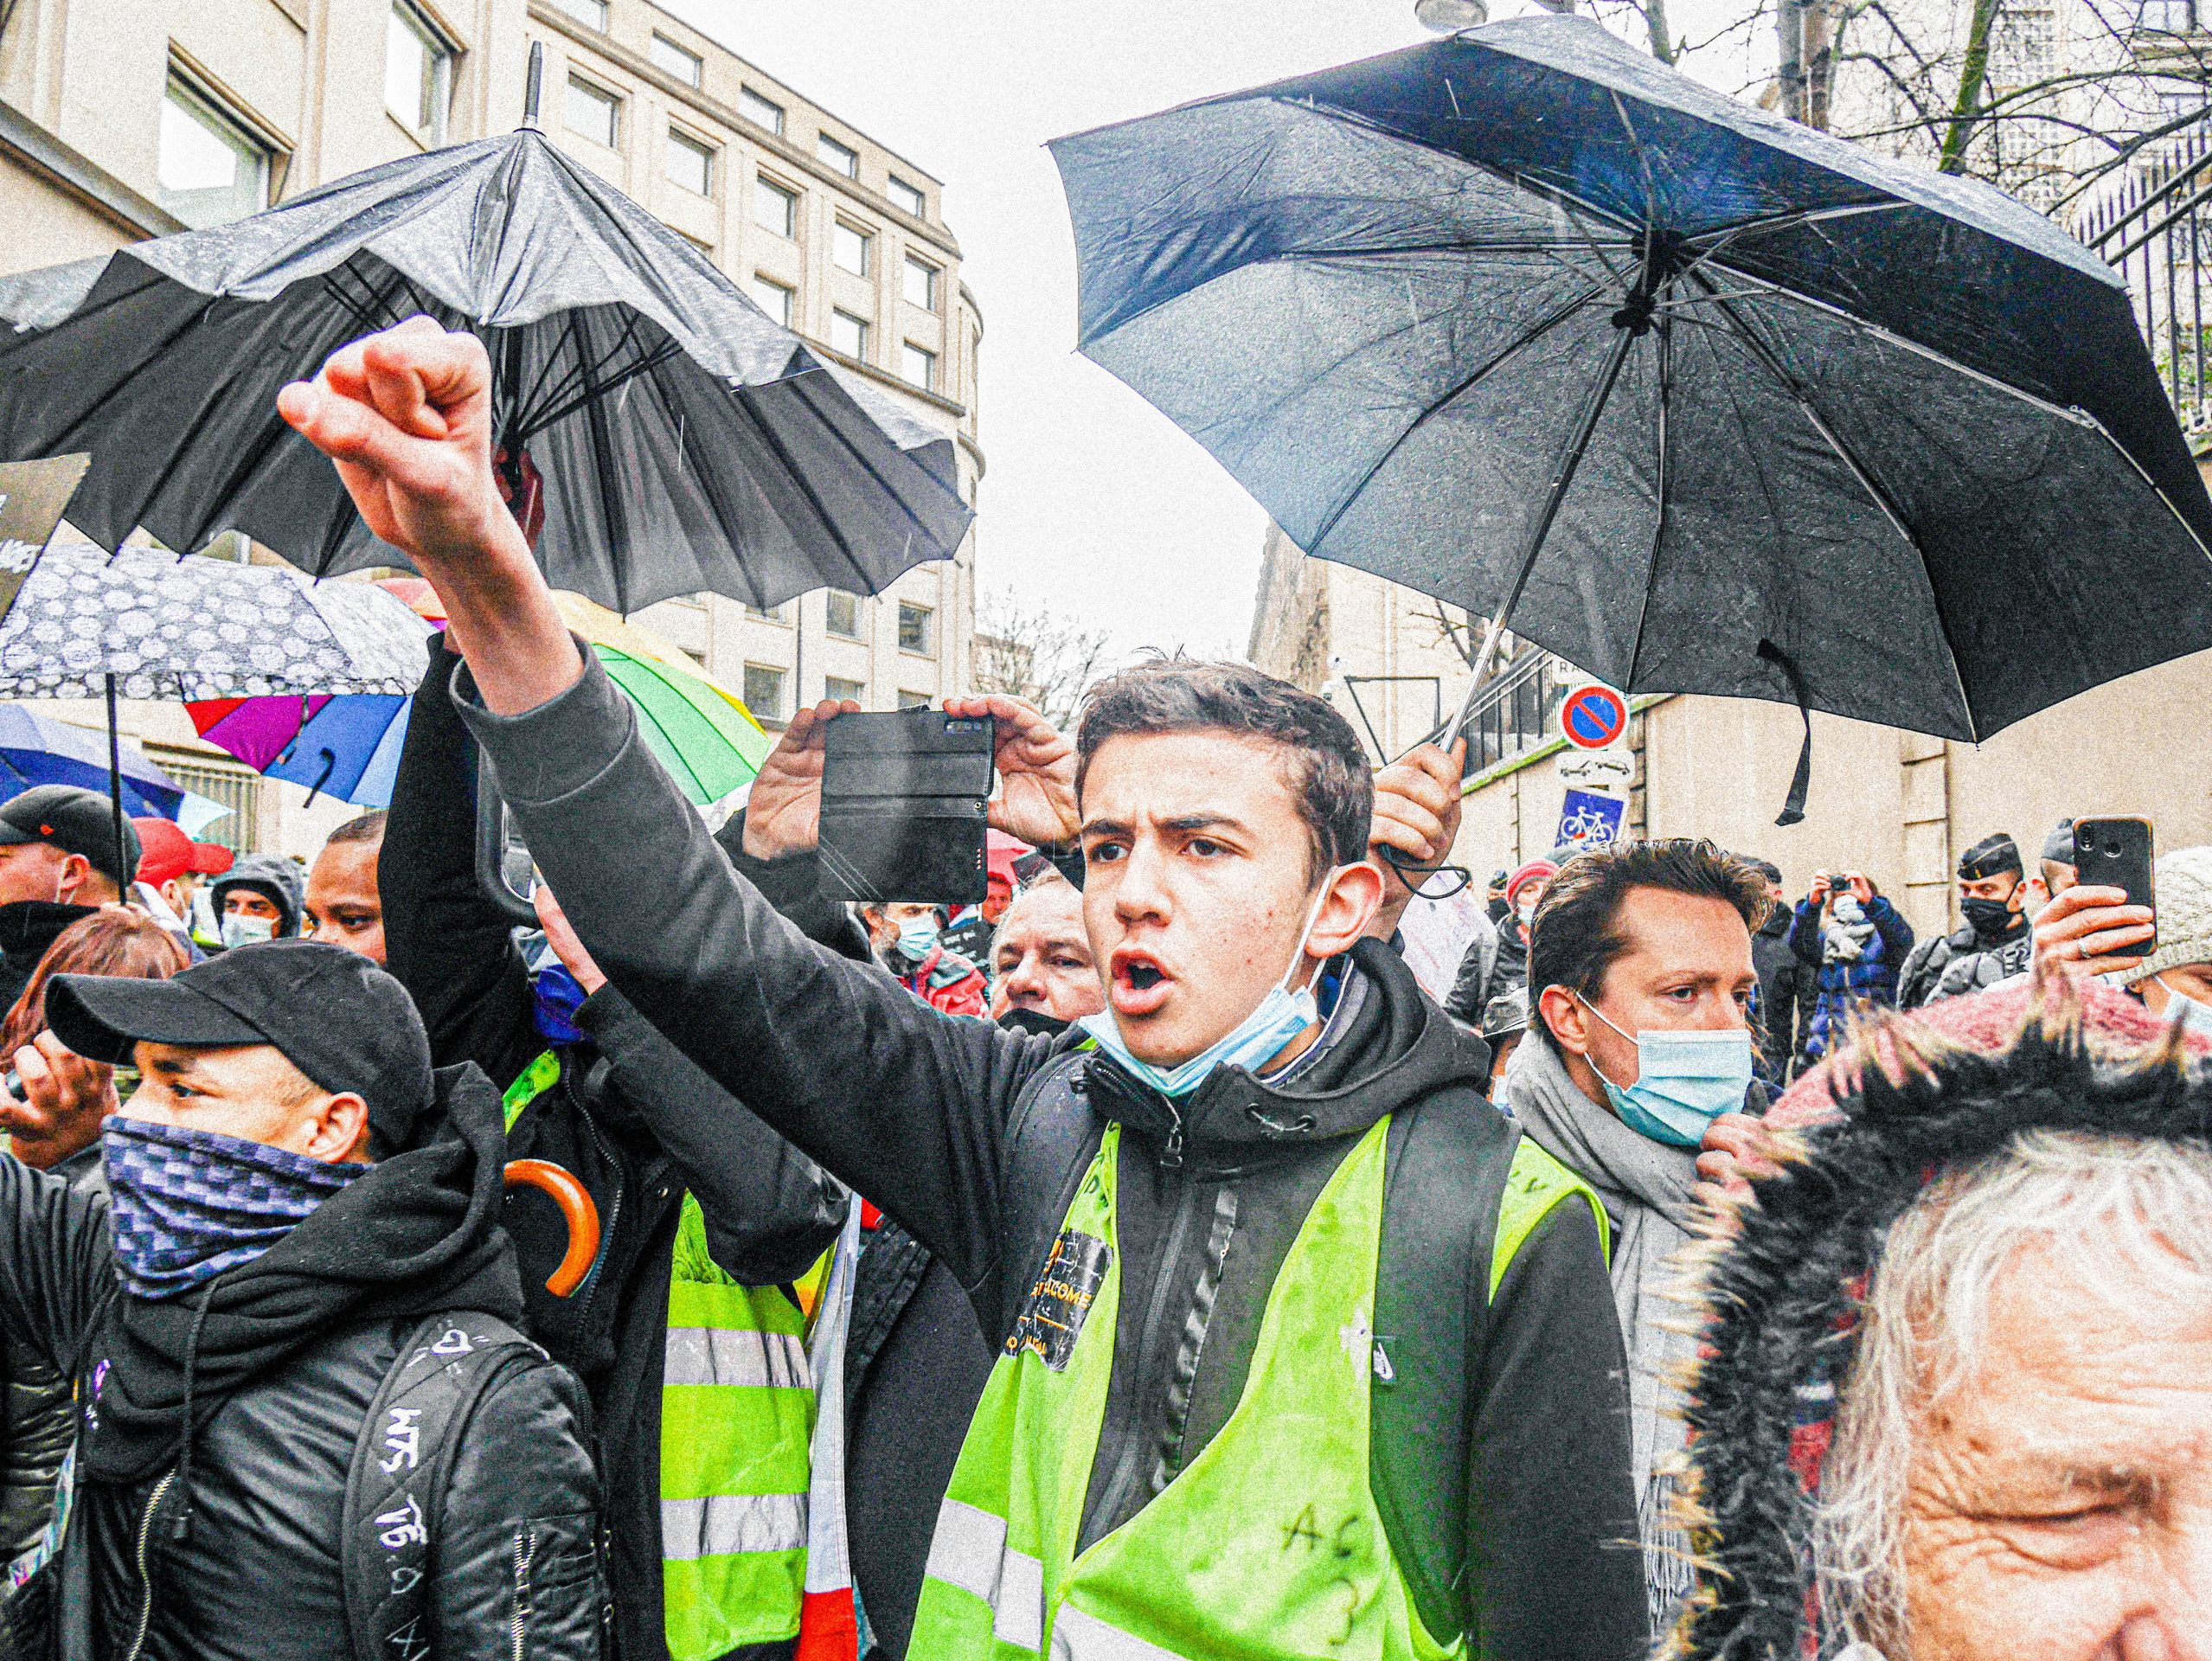 Manifestation contre les licenciements (Paris, 23 janvier 2021)